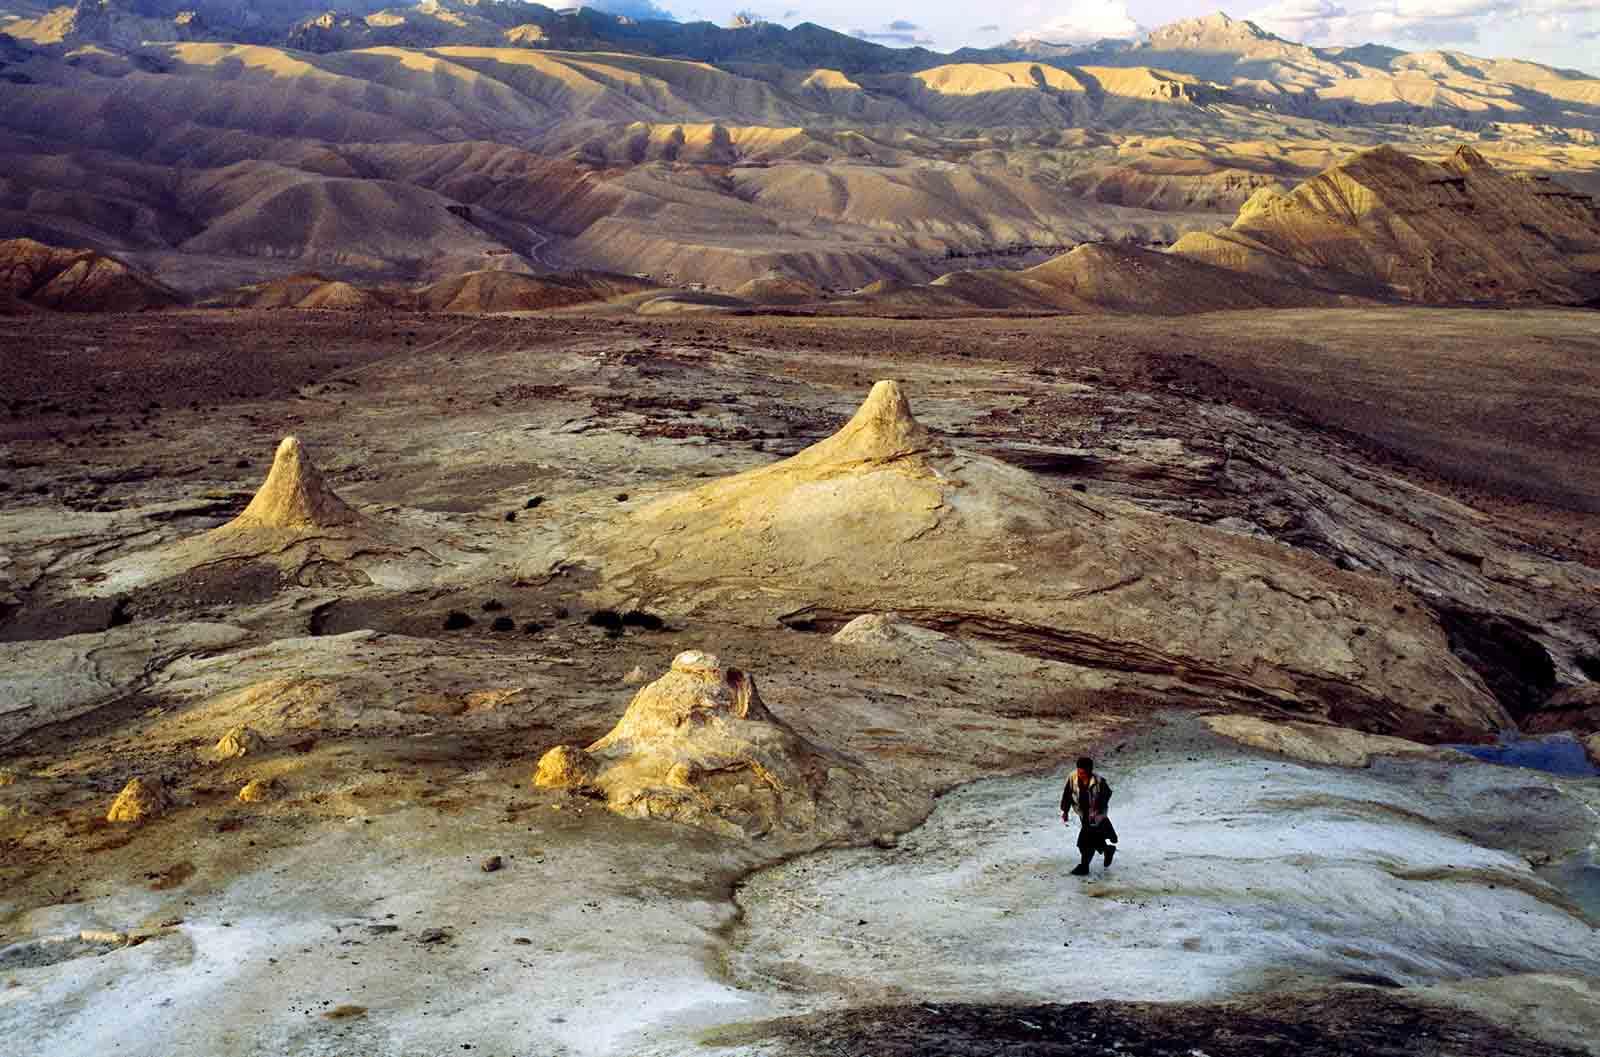 Ispod Afganistana otkriveno ležište rijetkih minerala vrijedno bilijun dolara